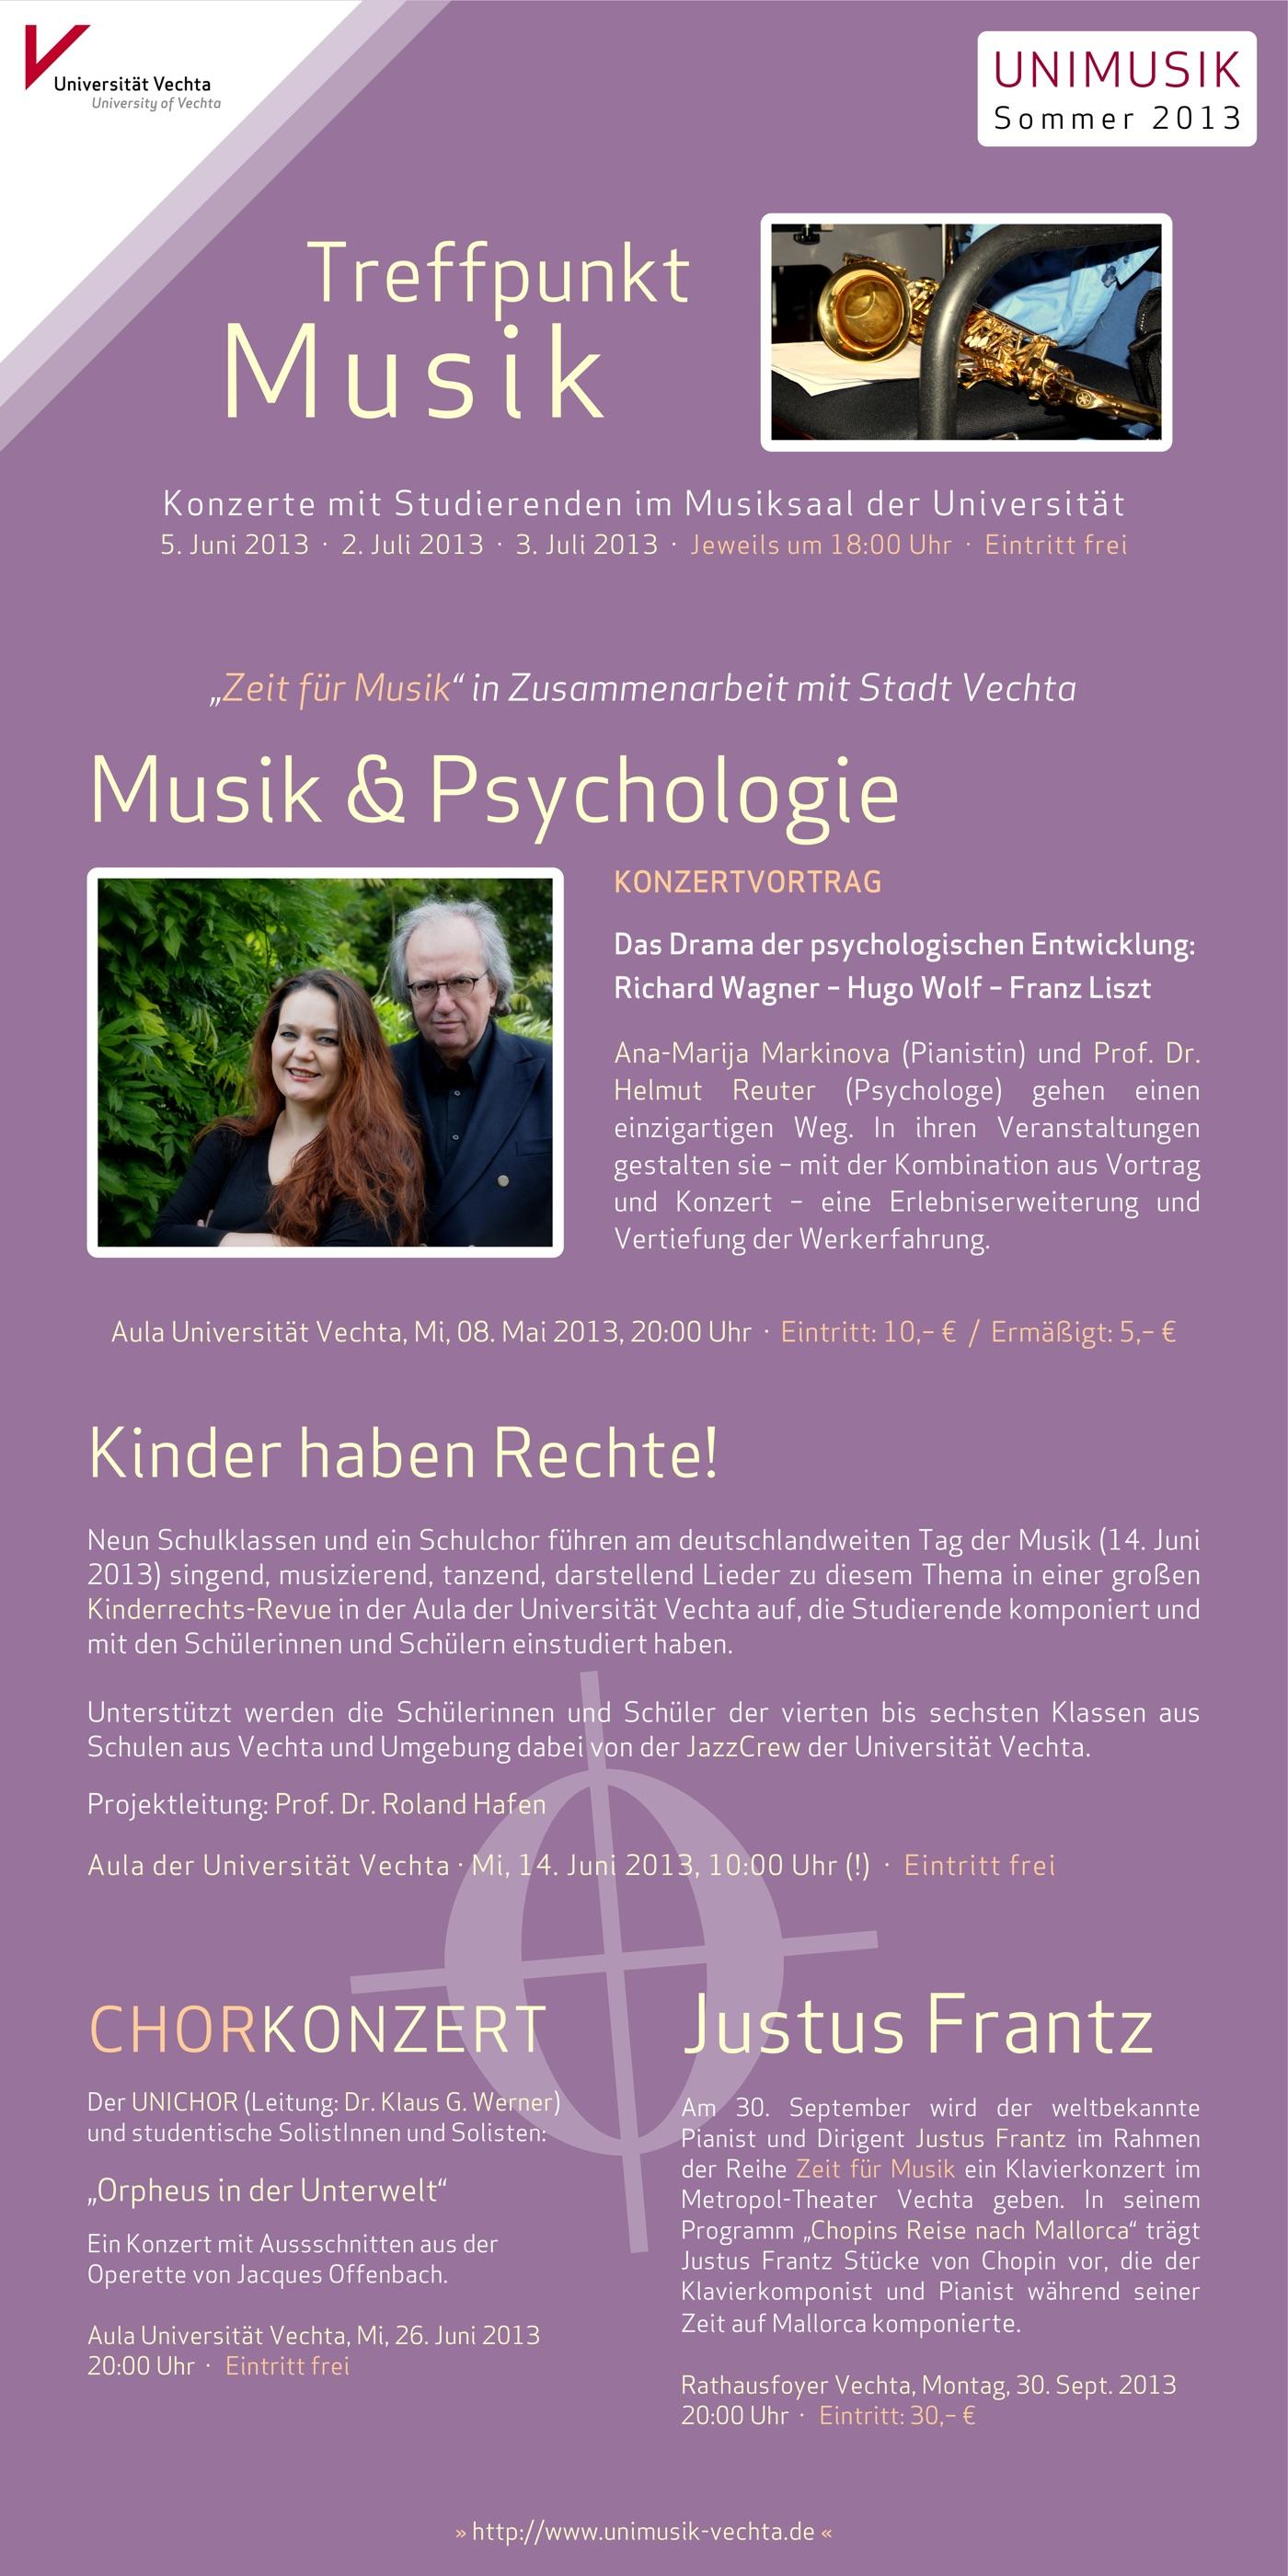 Flyer (Vorderseite) und Plakat · UNIMUSIK · Sommer 2013